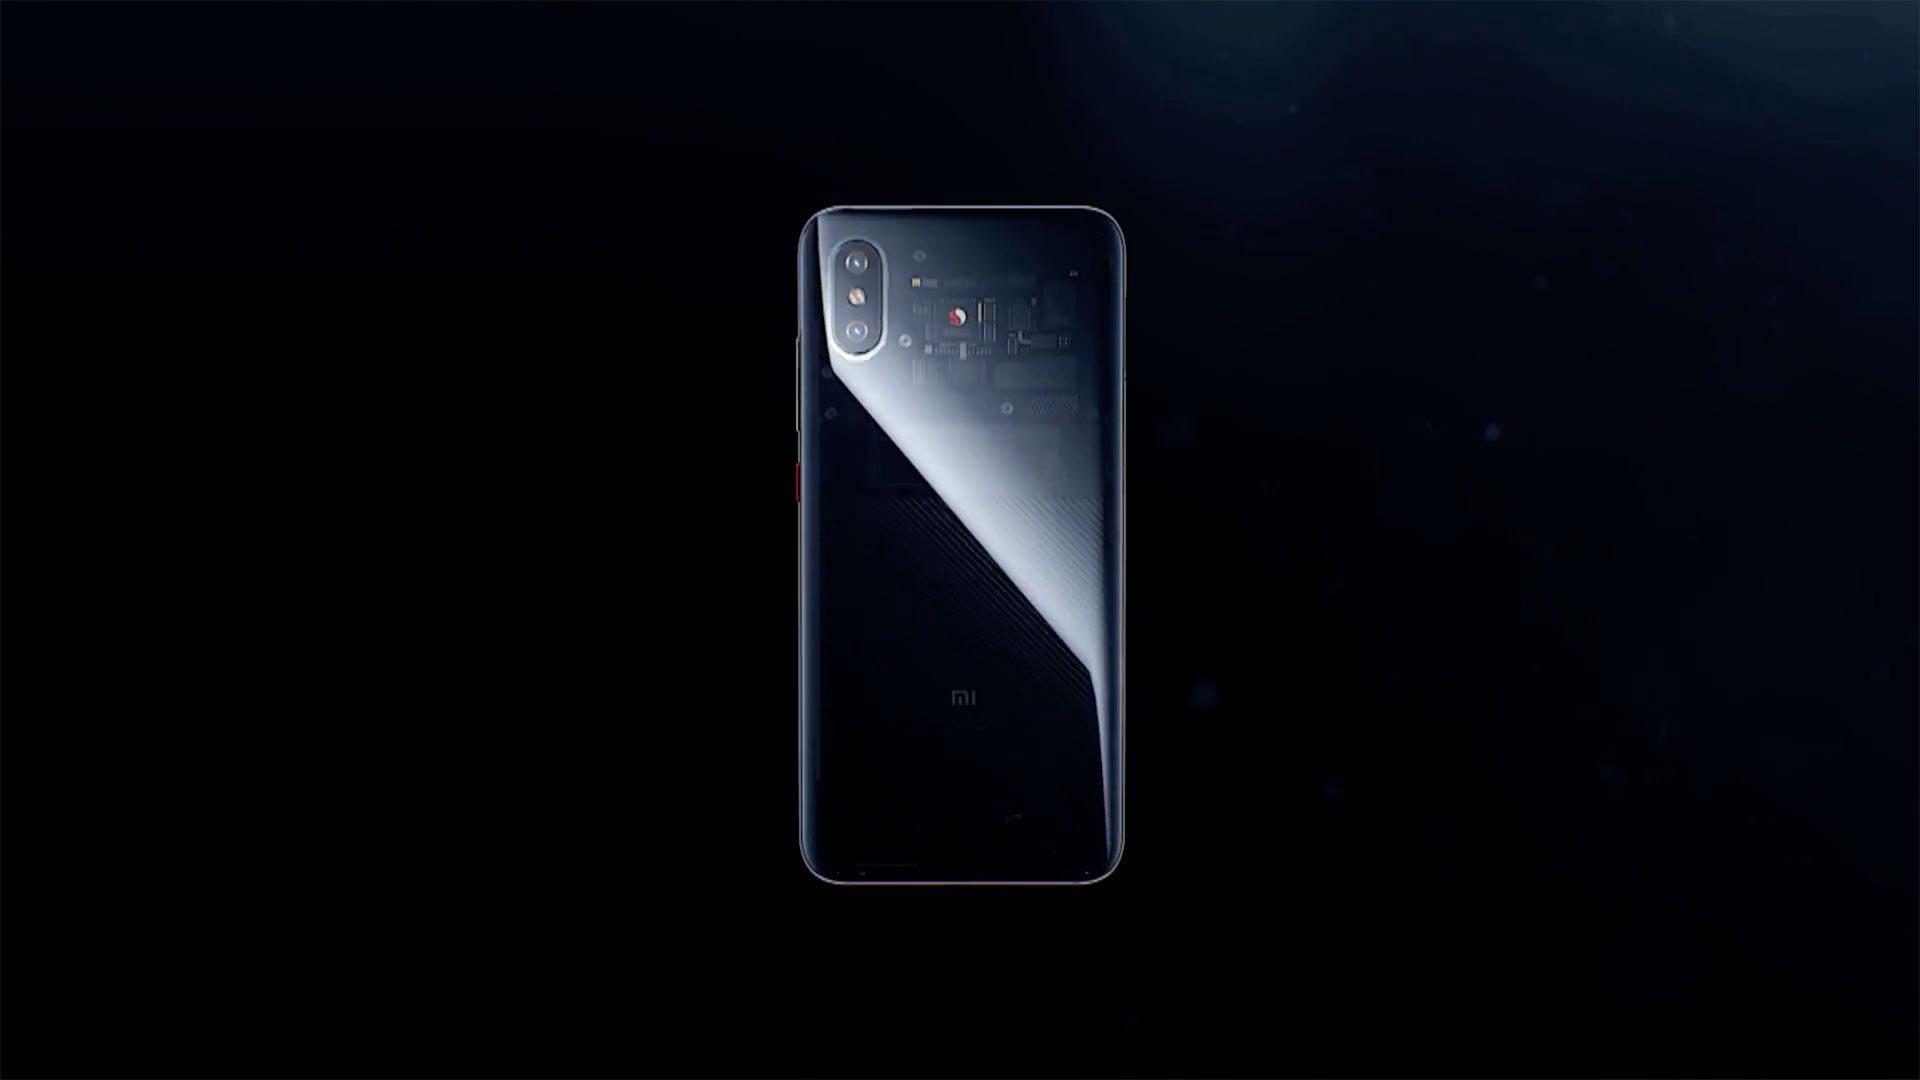 Xiaomi Launch Event UK –  Xiaomi nun offiziell im Vereinigten Königreich erhältlich 12 techboys.de • smarte News, auf den Punkt! Xiaomi Launch Event UK –  Xiaomi nun offiziell im Vereinigten Königreich erhältlich